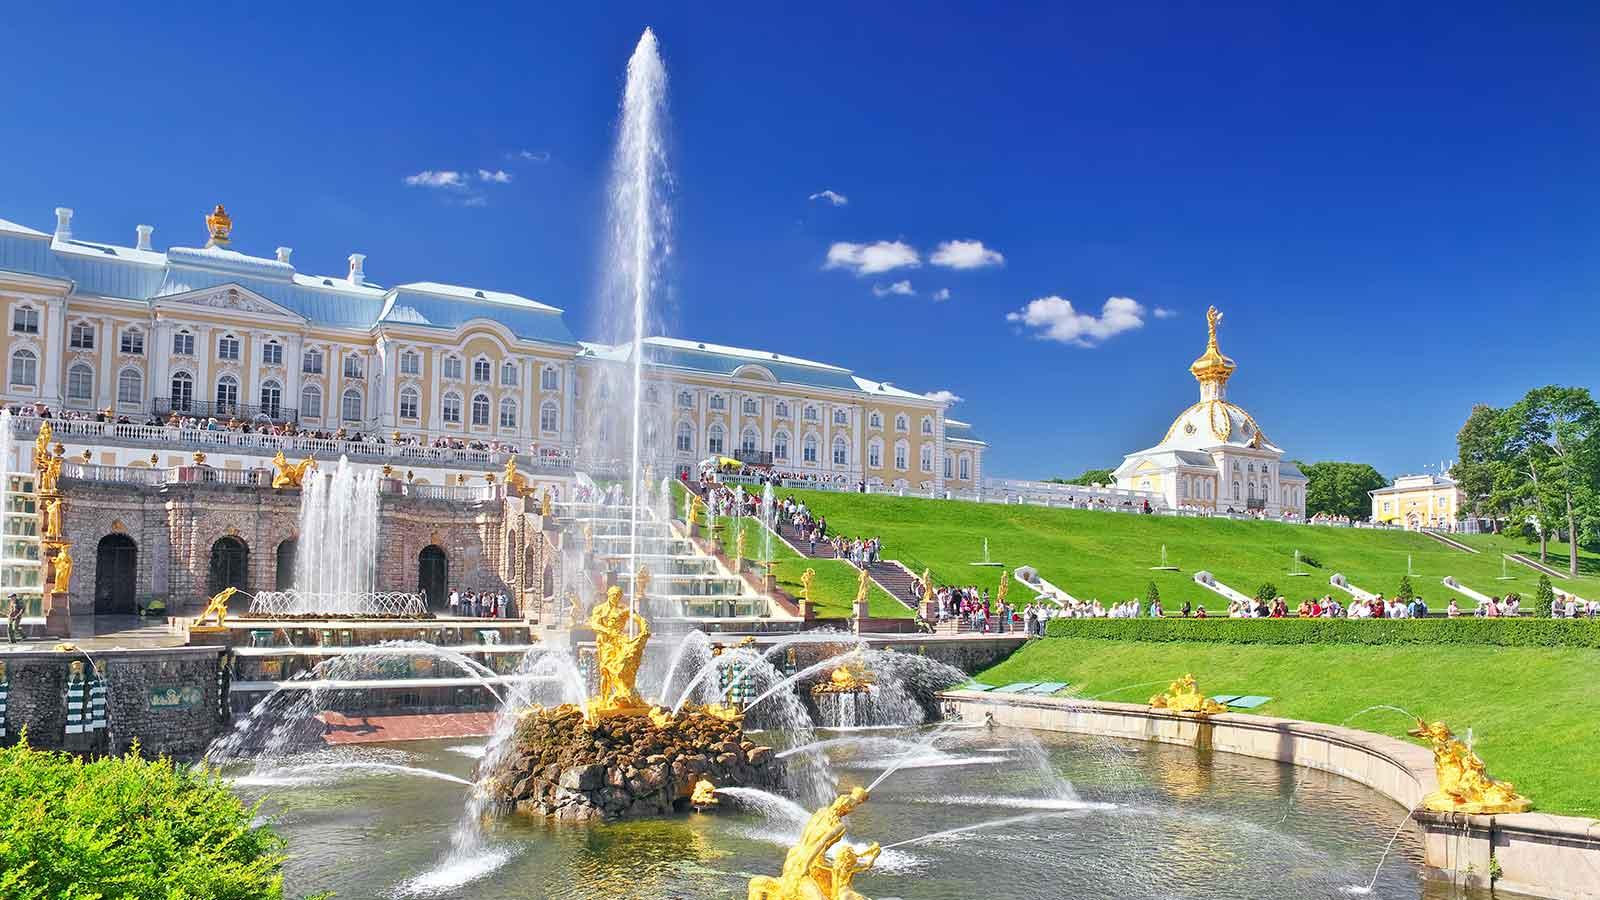 Kết quả hình ảnh cho cung điện mùa hè nga